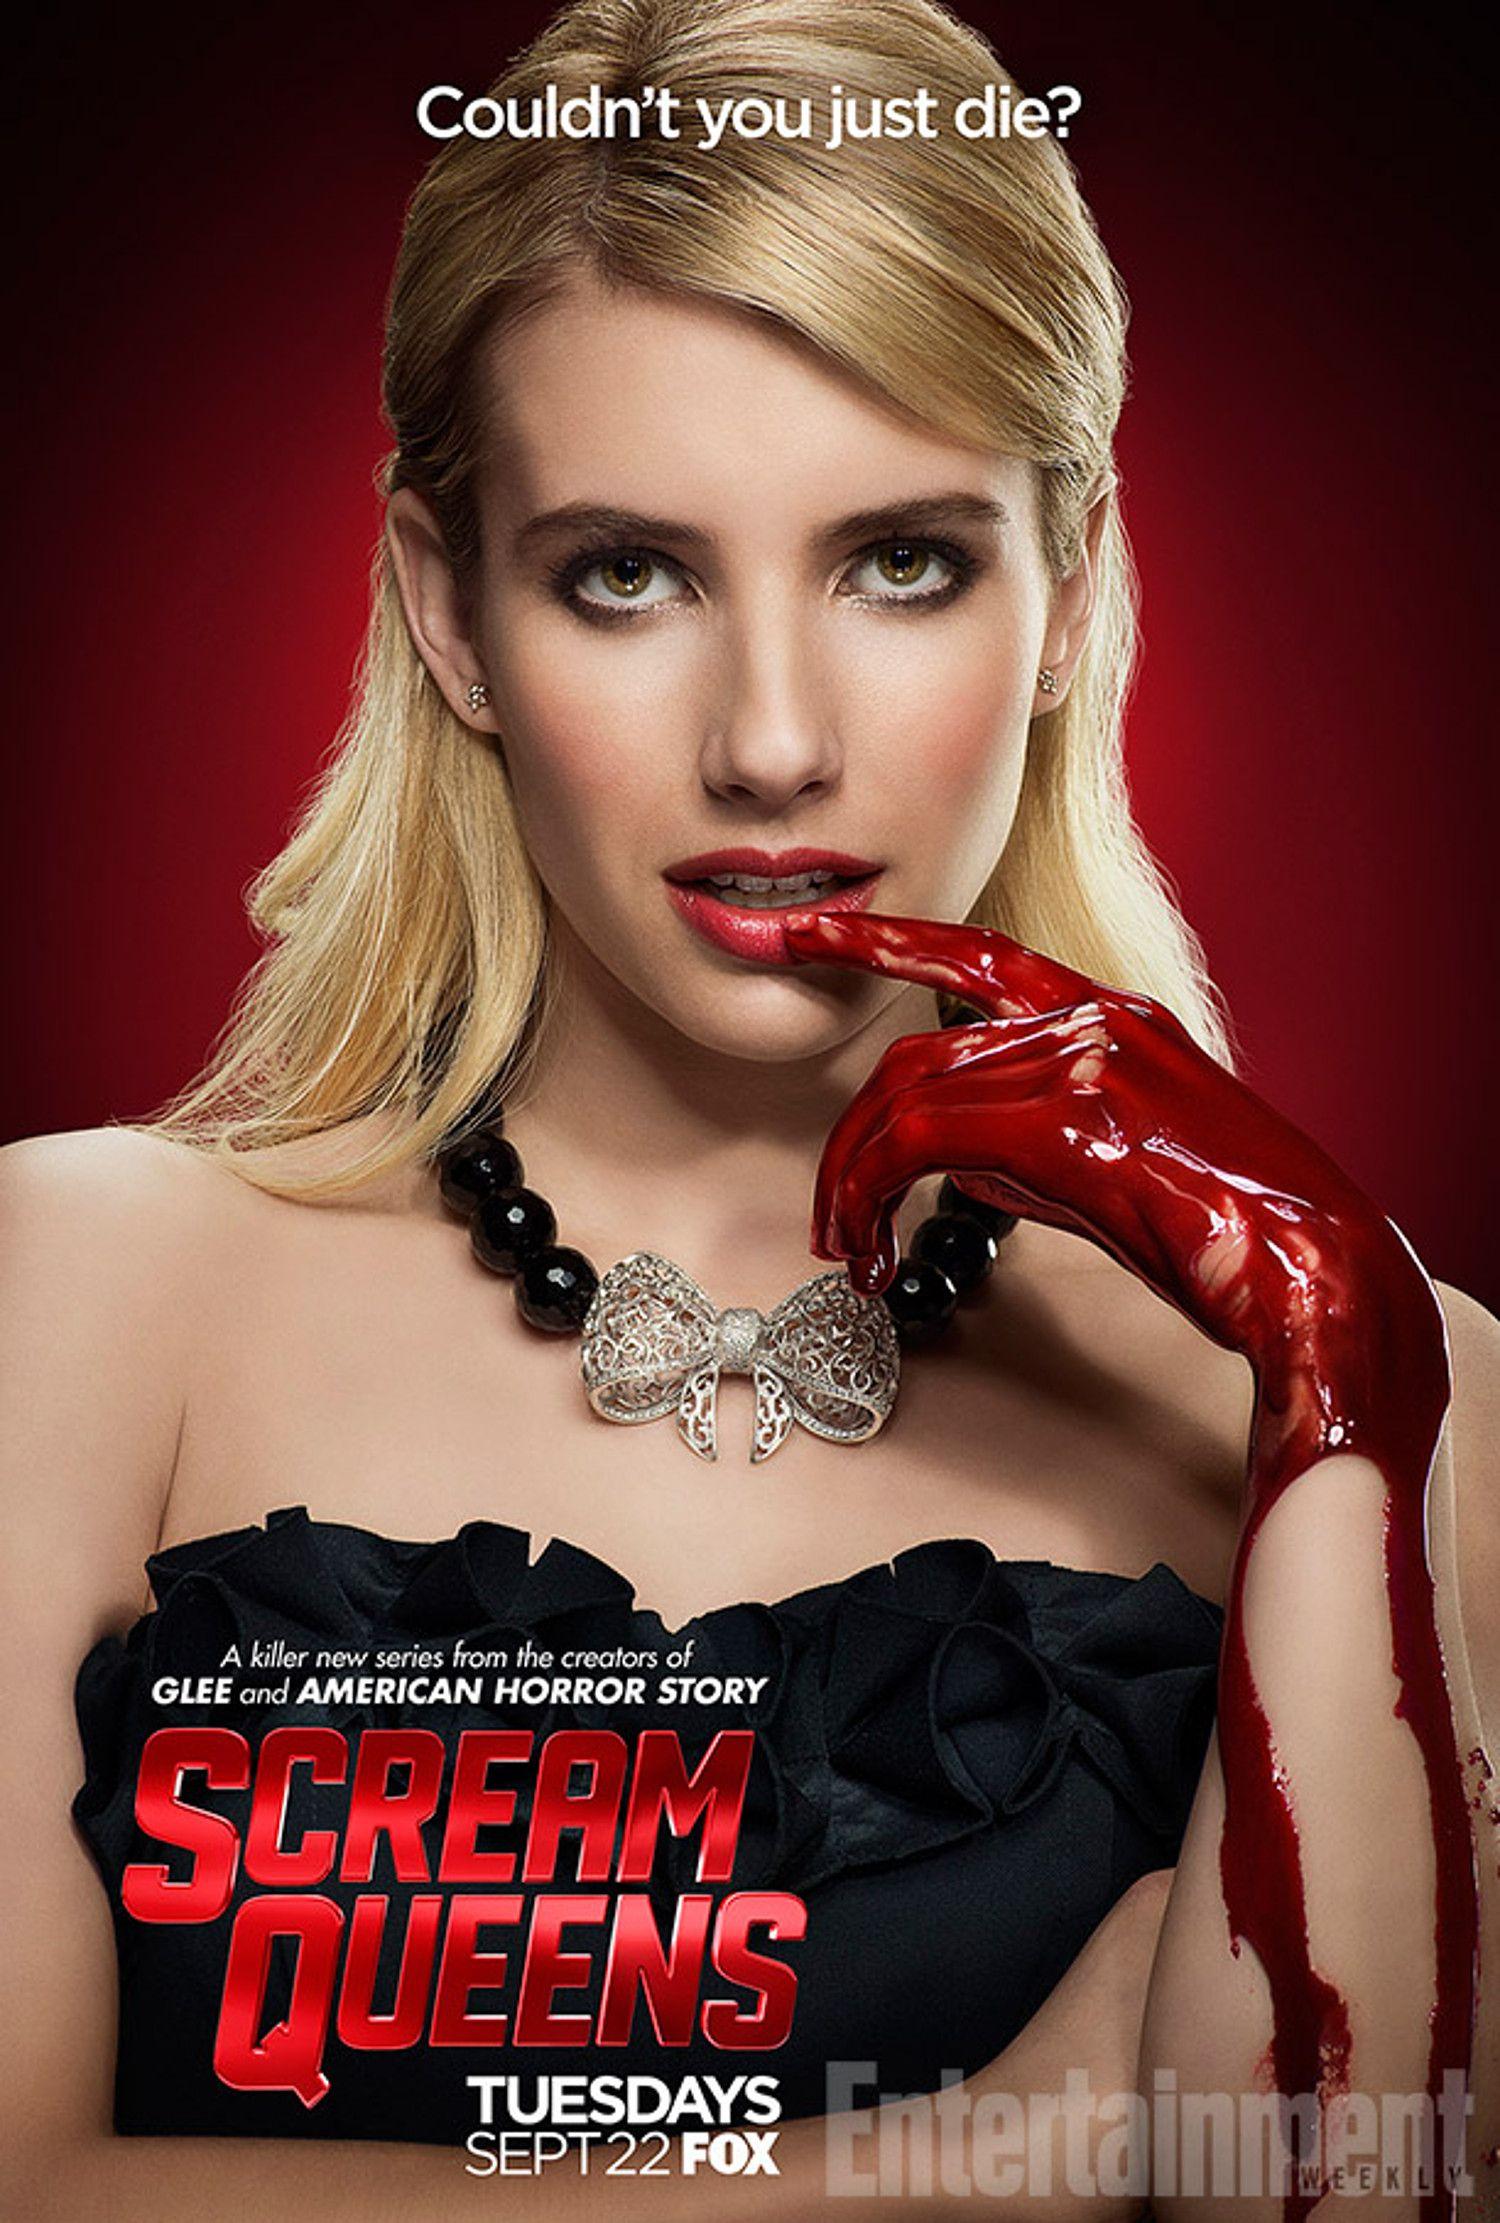 0ba706963fed0 Scream Queens | Great Shows in 2019 | Scream queens cast, Scream queens  season 1, Scream queens 2015